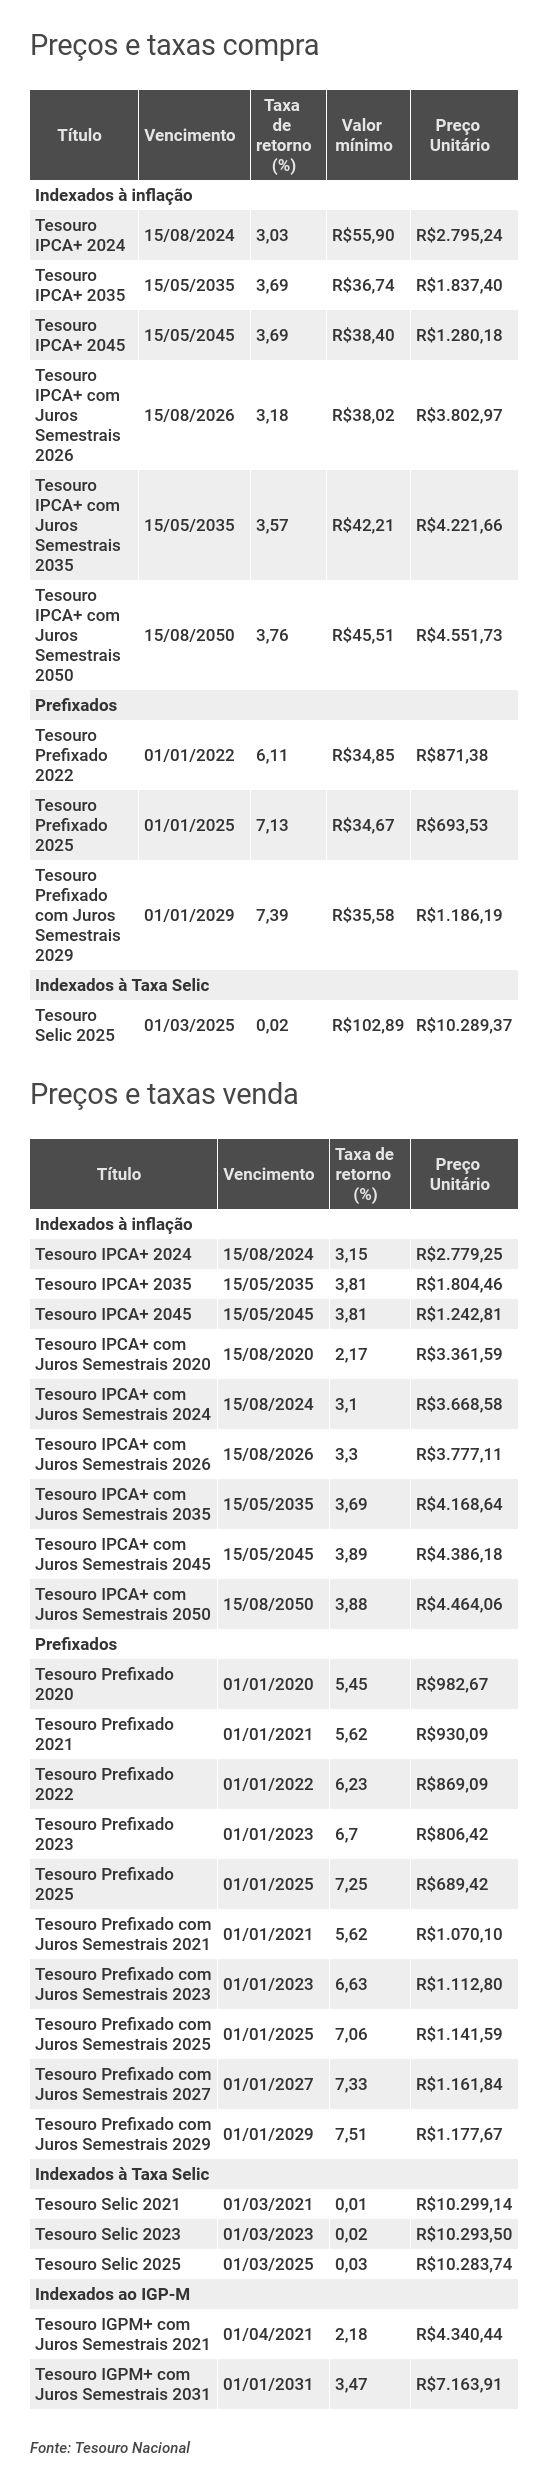 Preços e taxas do Tesouro Direto em 3 de setembro de 2019